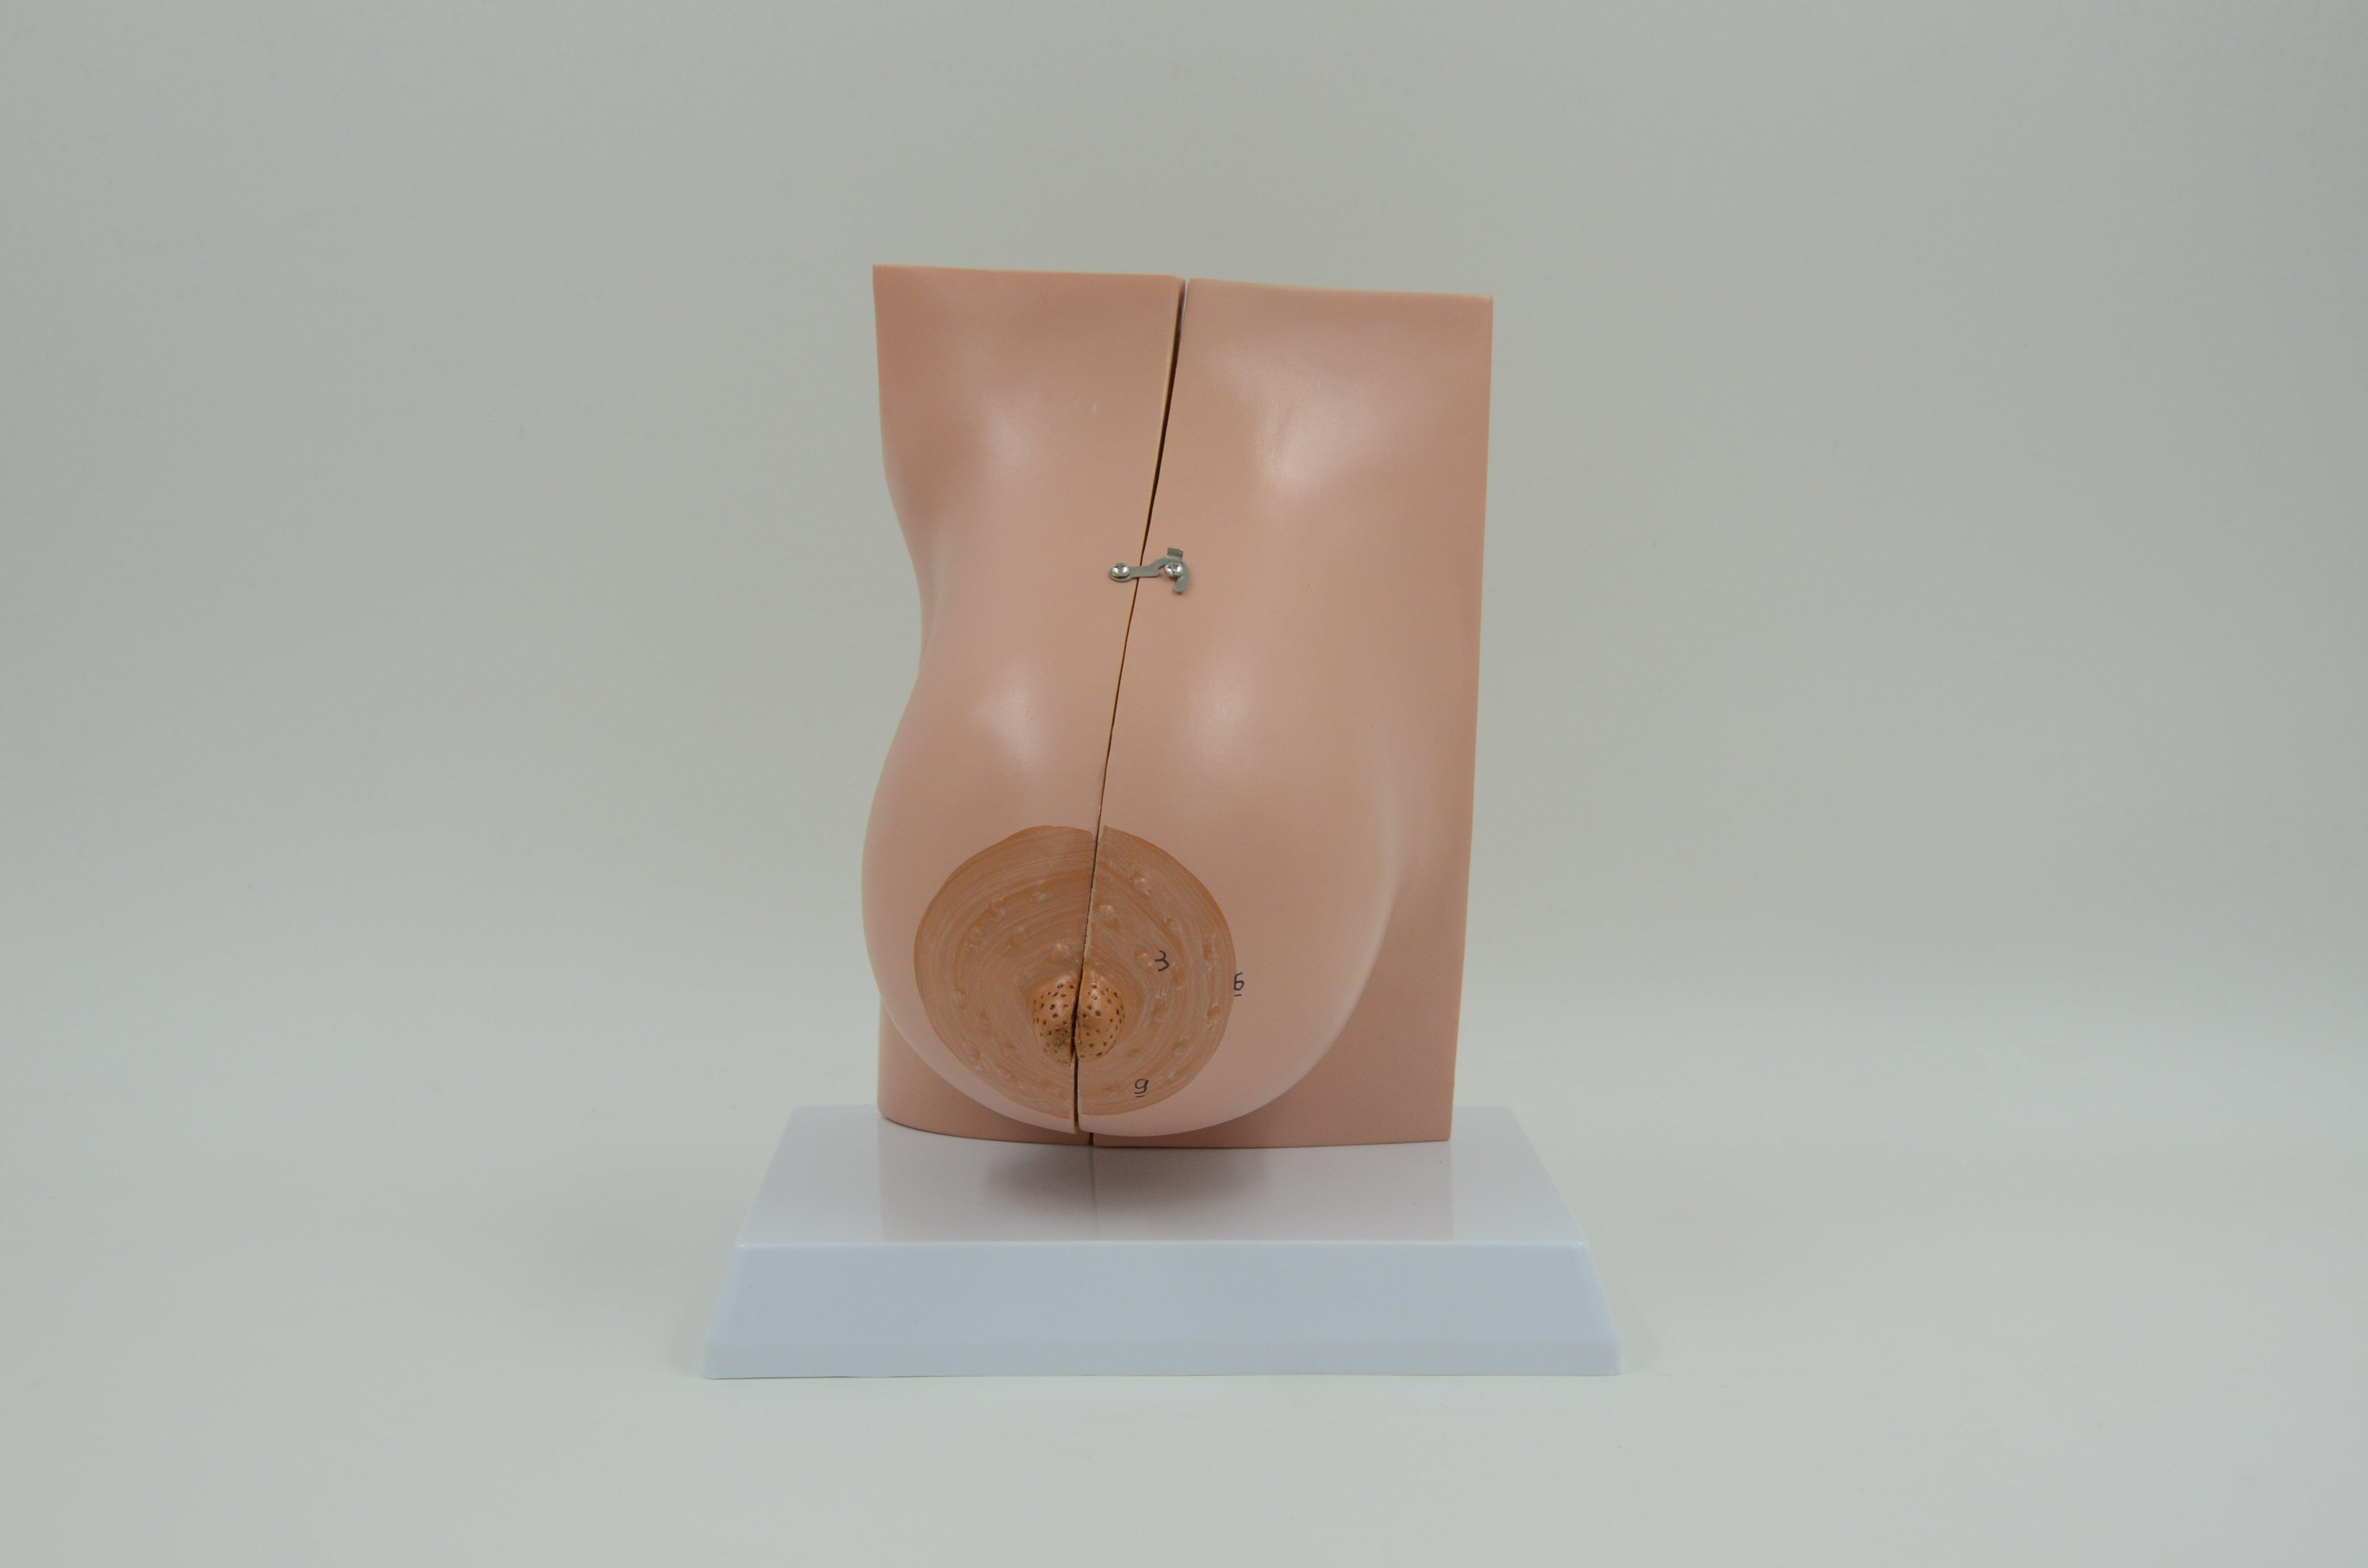 דגם אנטומי שד במהלך הנקה